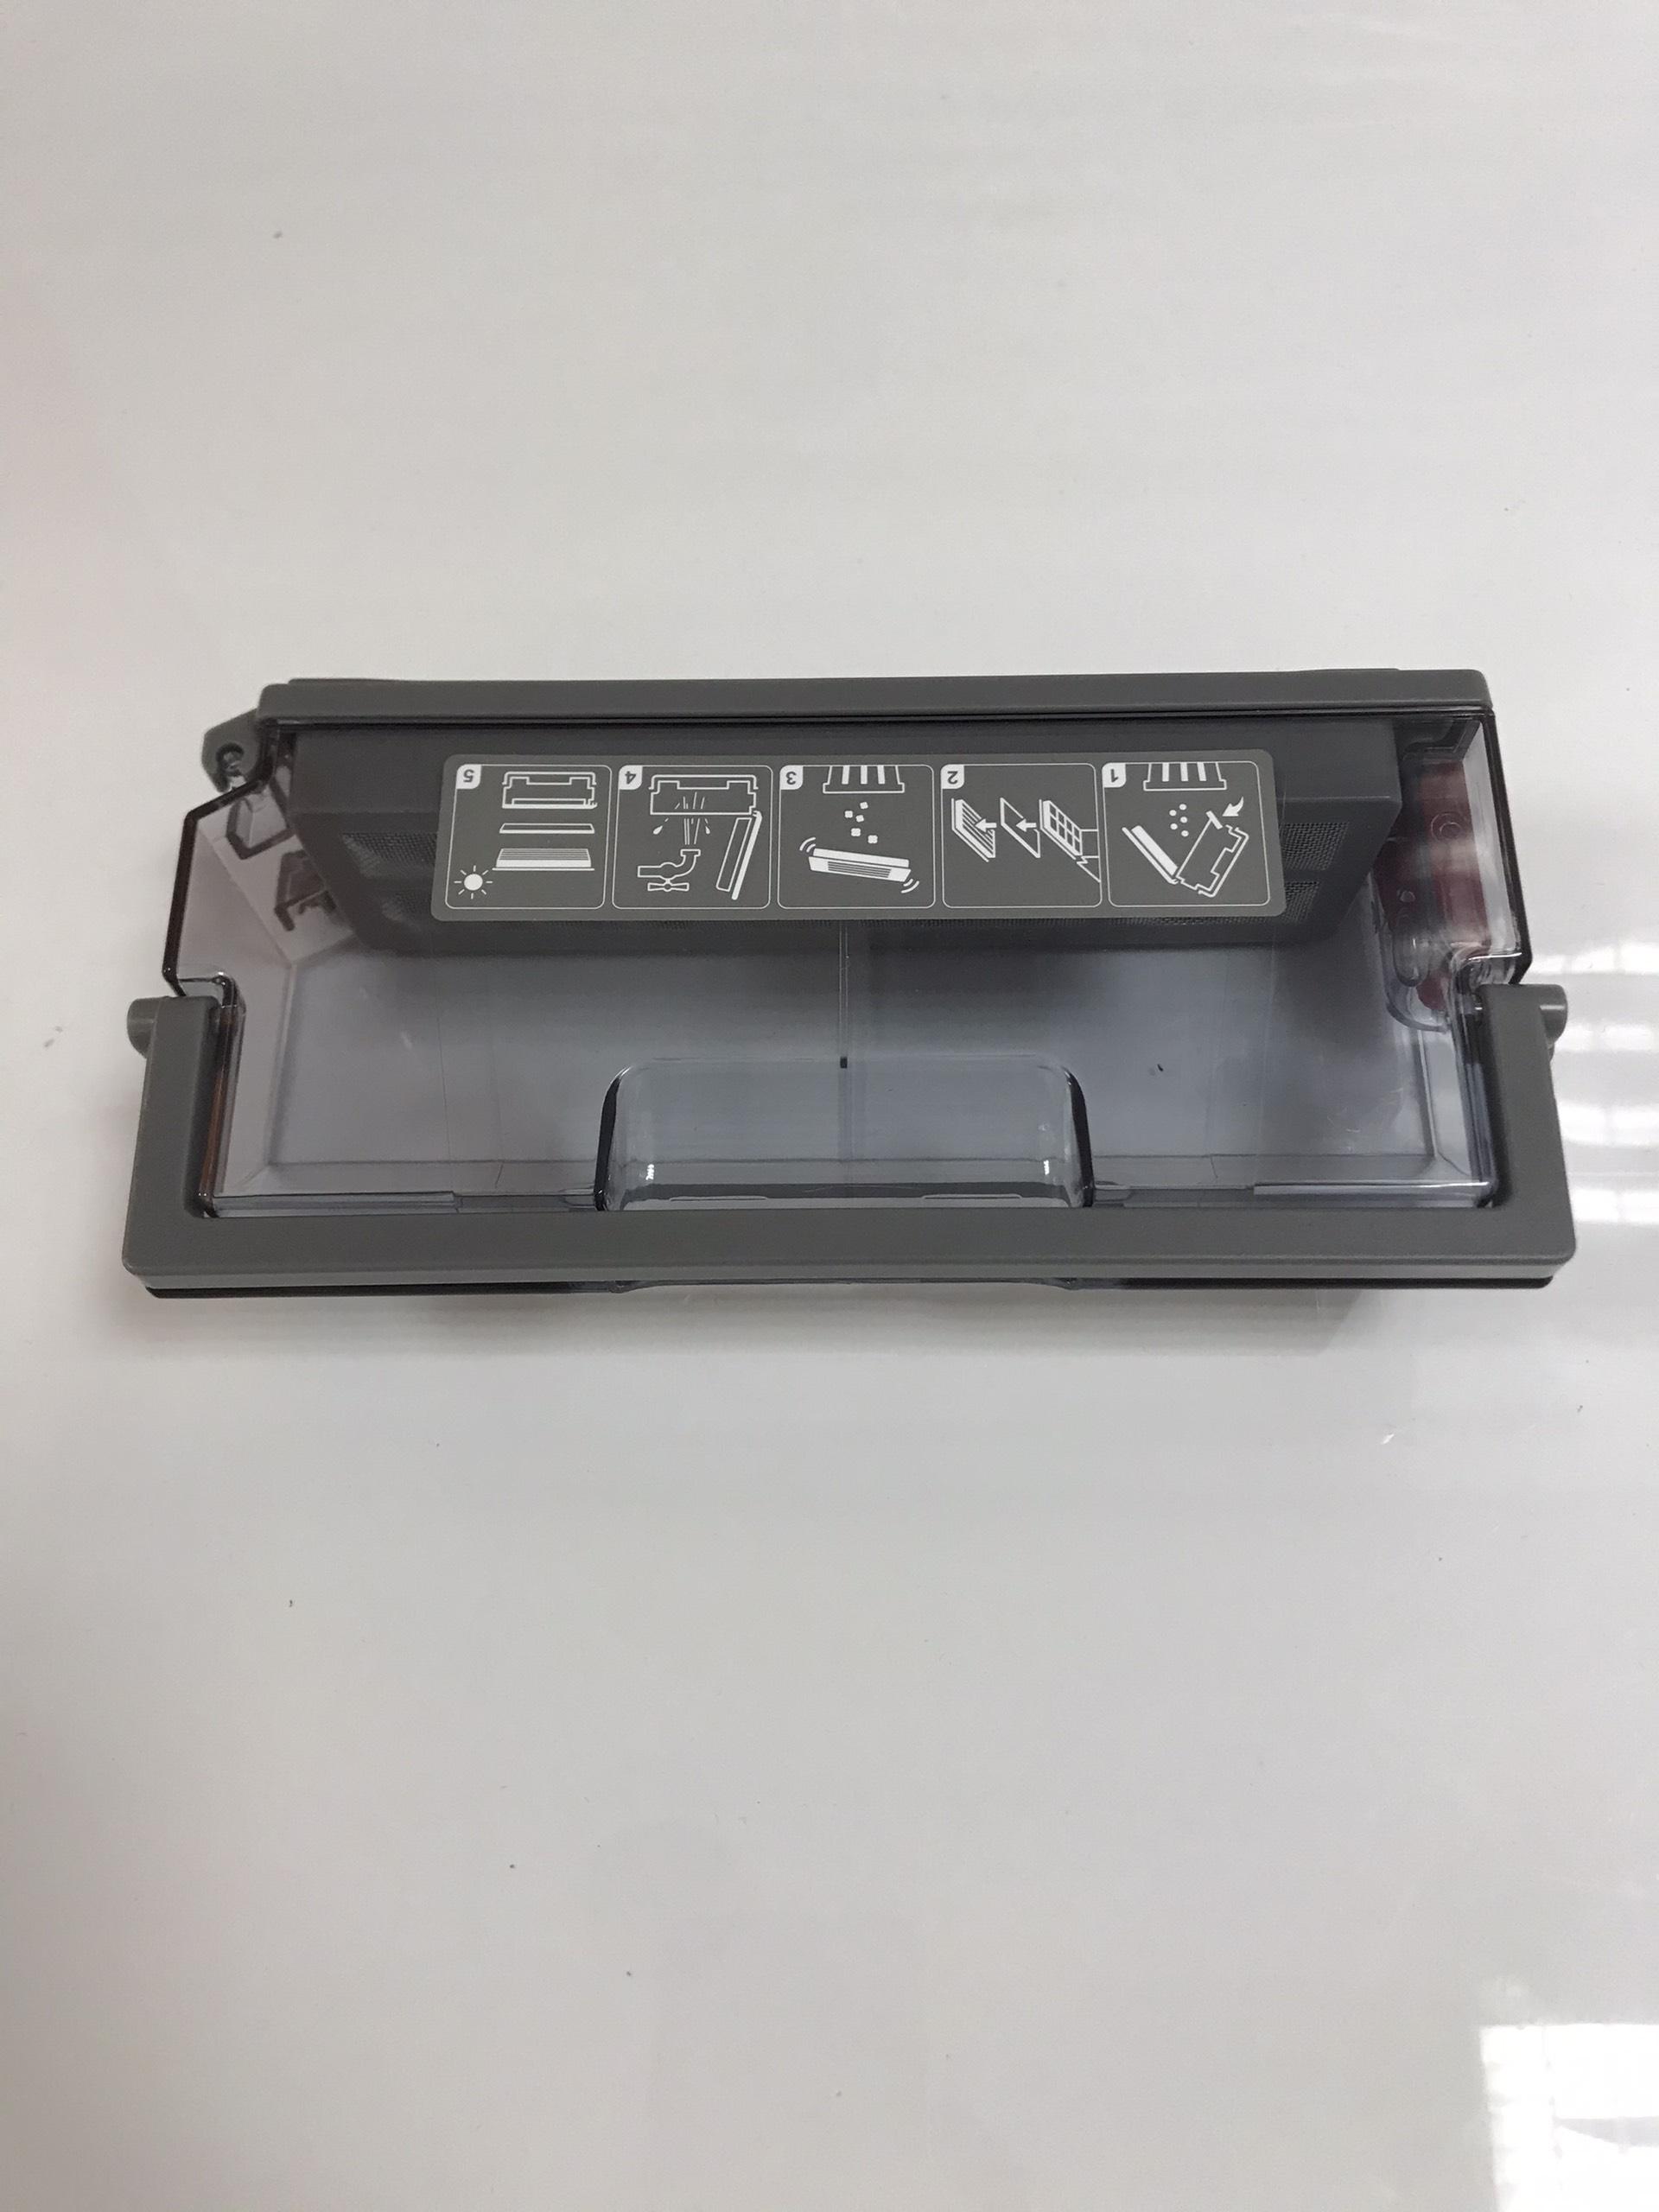 Ngăn đựng rác Ecovacs Deebot OZMO 920/950 - Hàng Chính Hãng